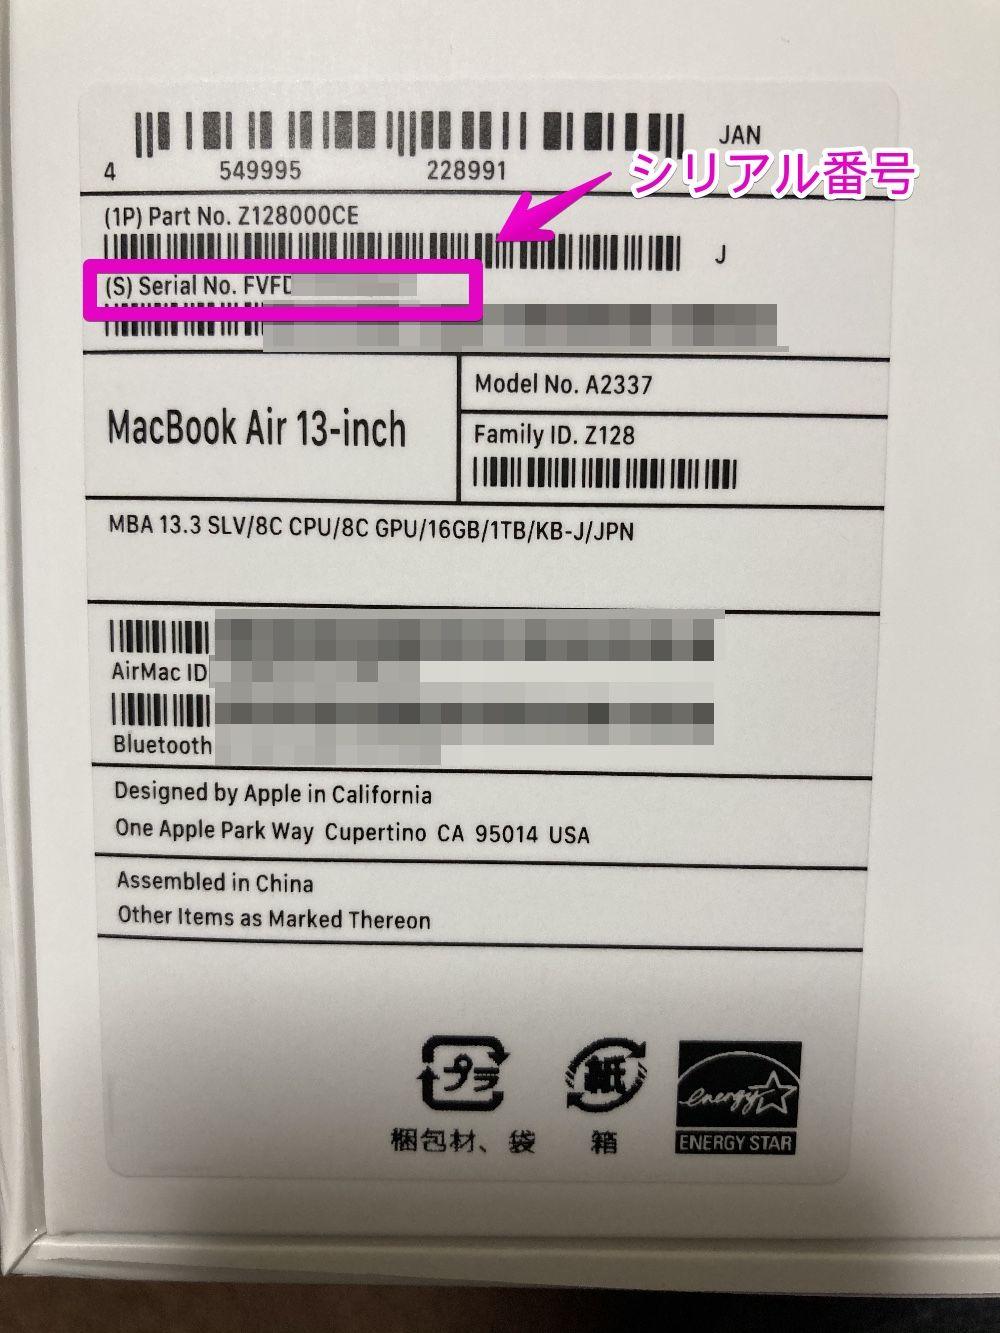 MacBook Air梱包箱のシール